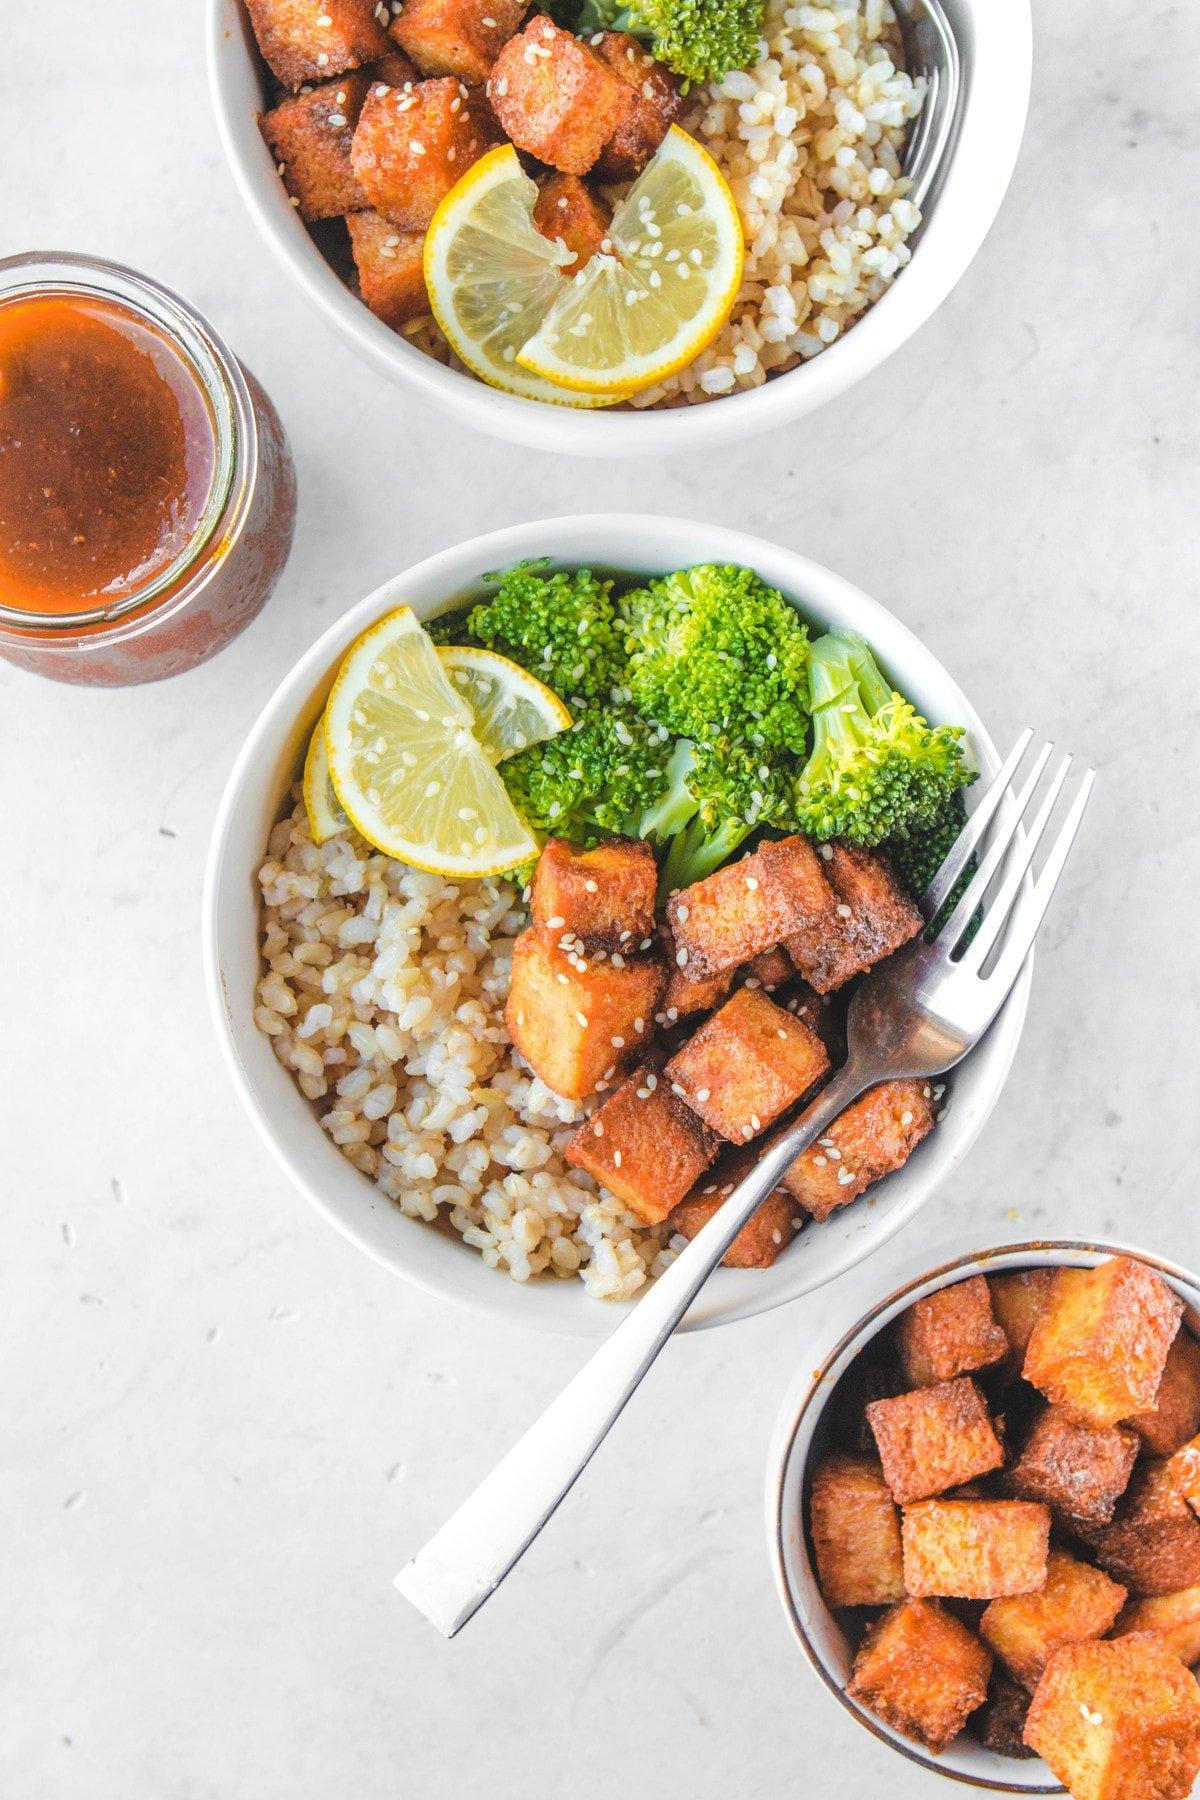 orange tofu bowls with extra tofu on the side